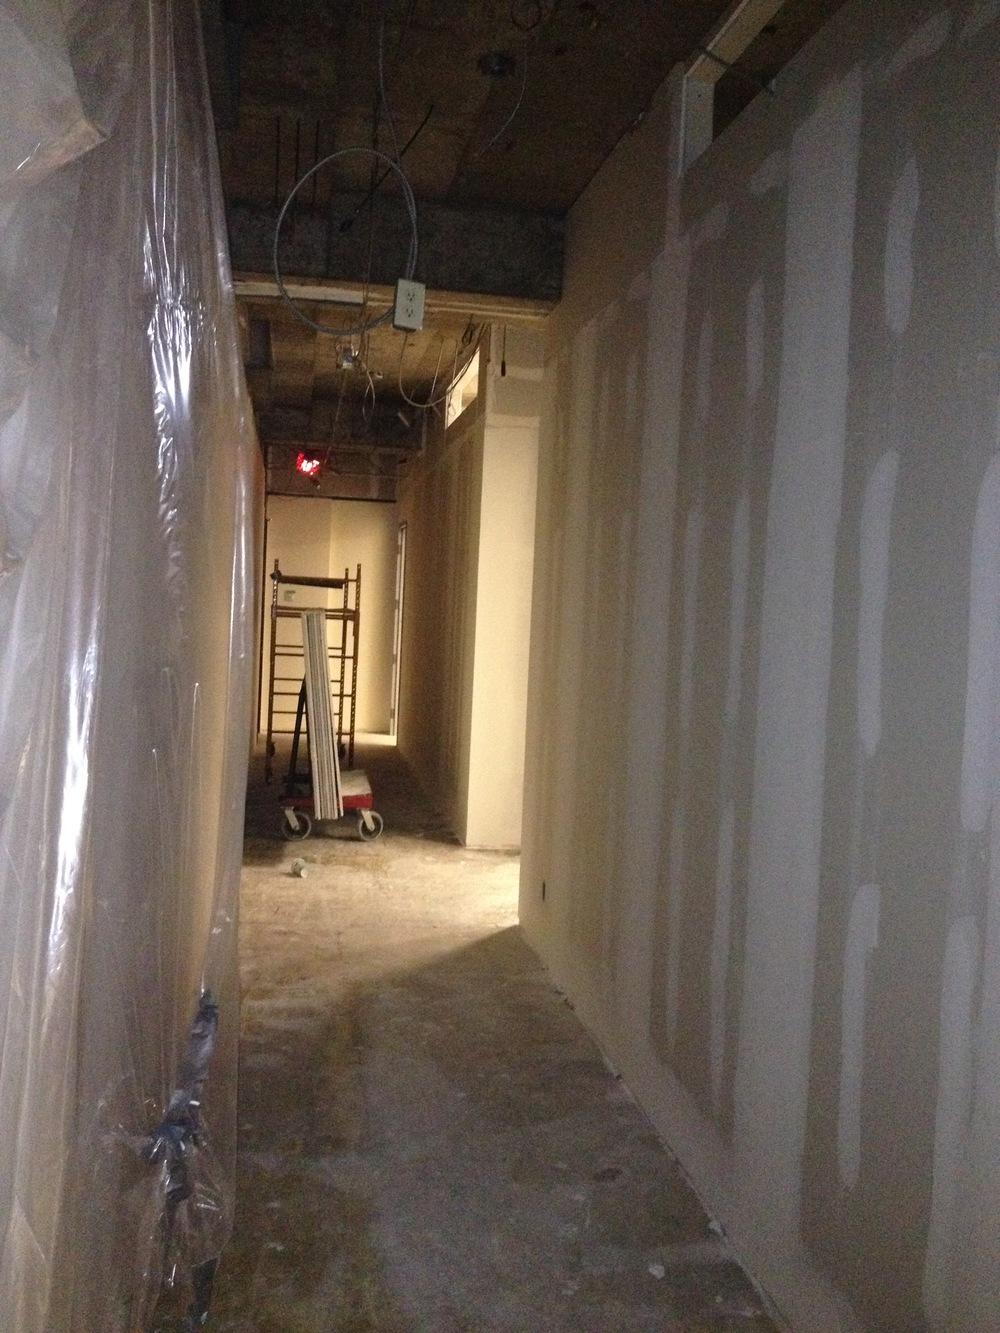 In Progress - New Common Corridors for Morguard